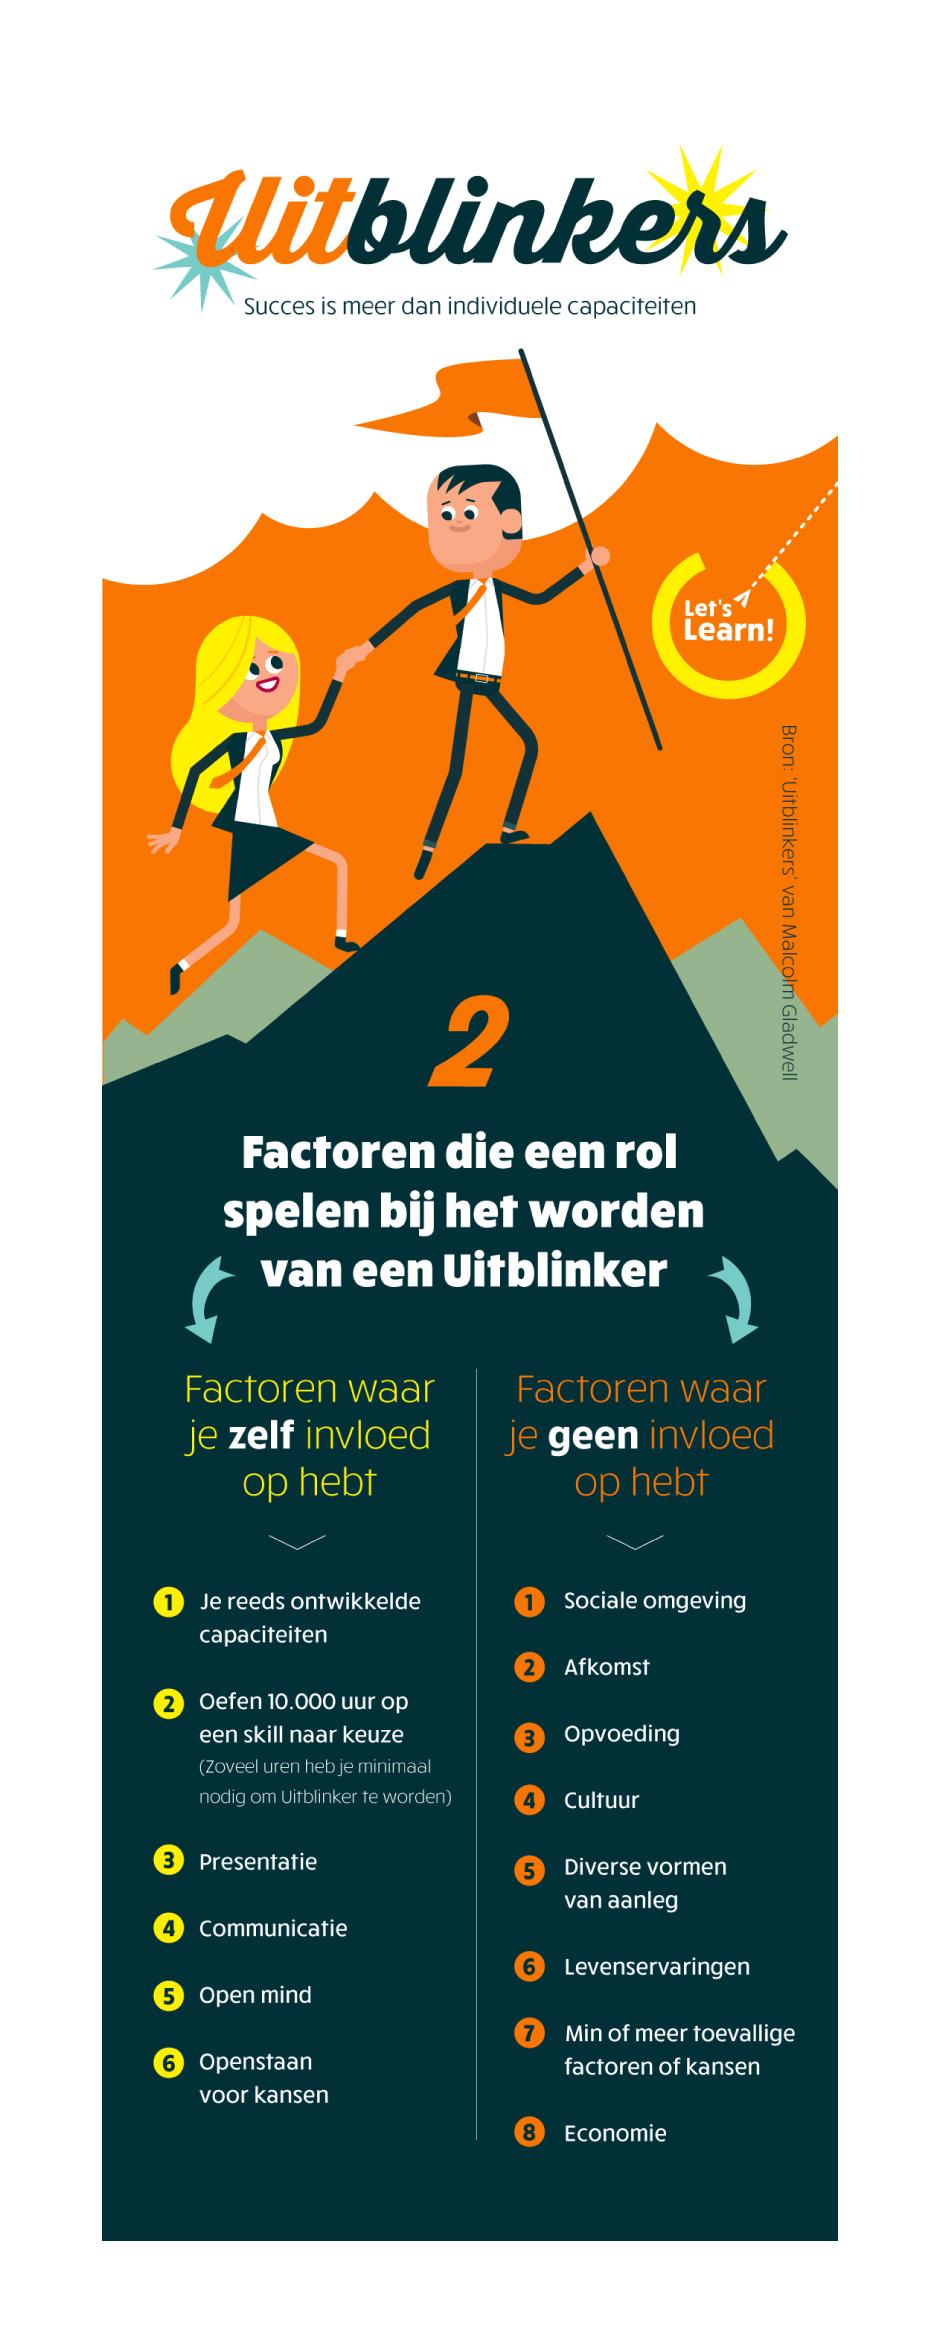 UITBLINKERS-infographic-laten-maken-rotterdam-infographic-laten-maken-freelance-illustrator-rotterdam-animatie-laten-maken-rotterdam-940